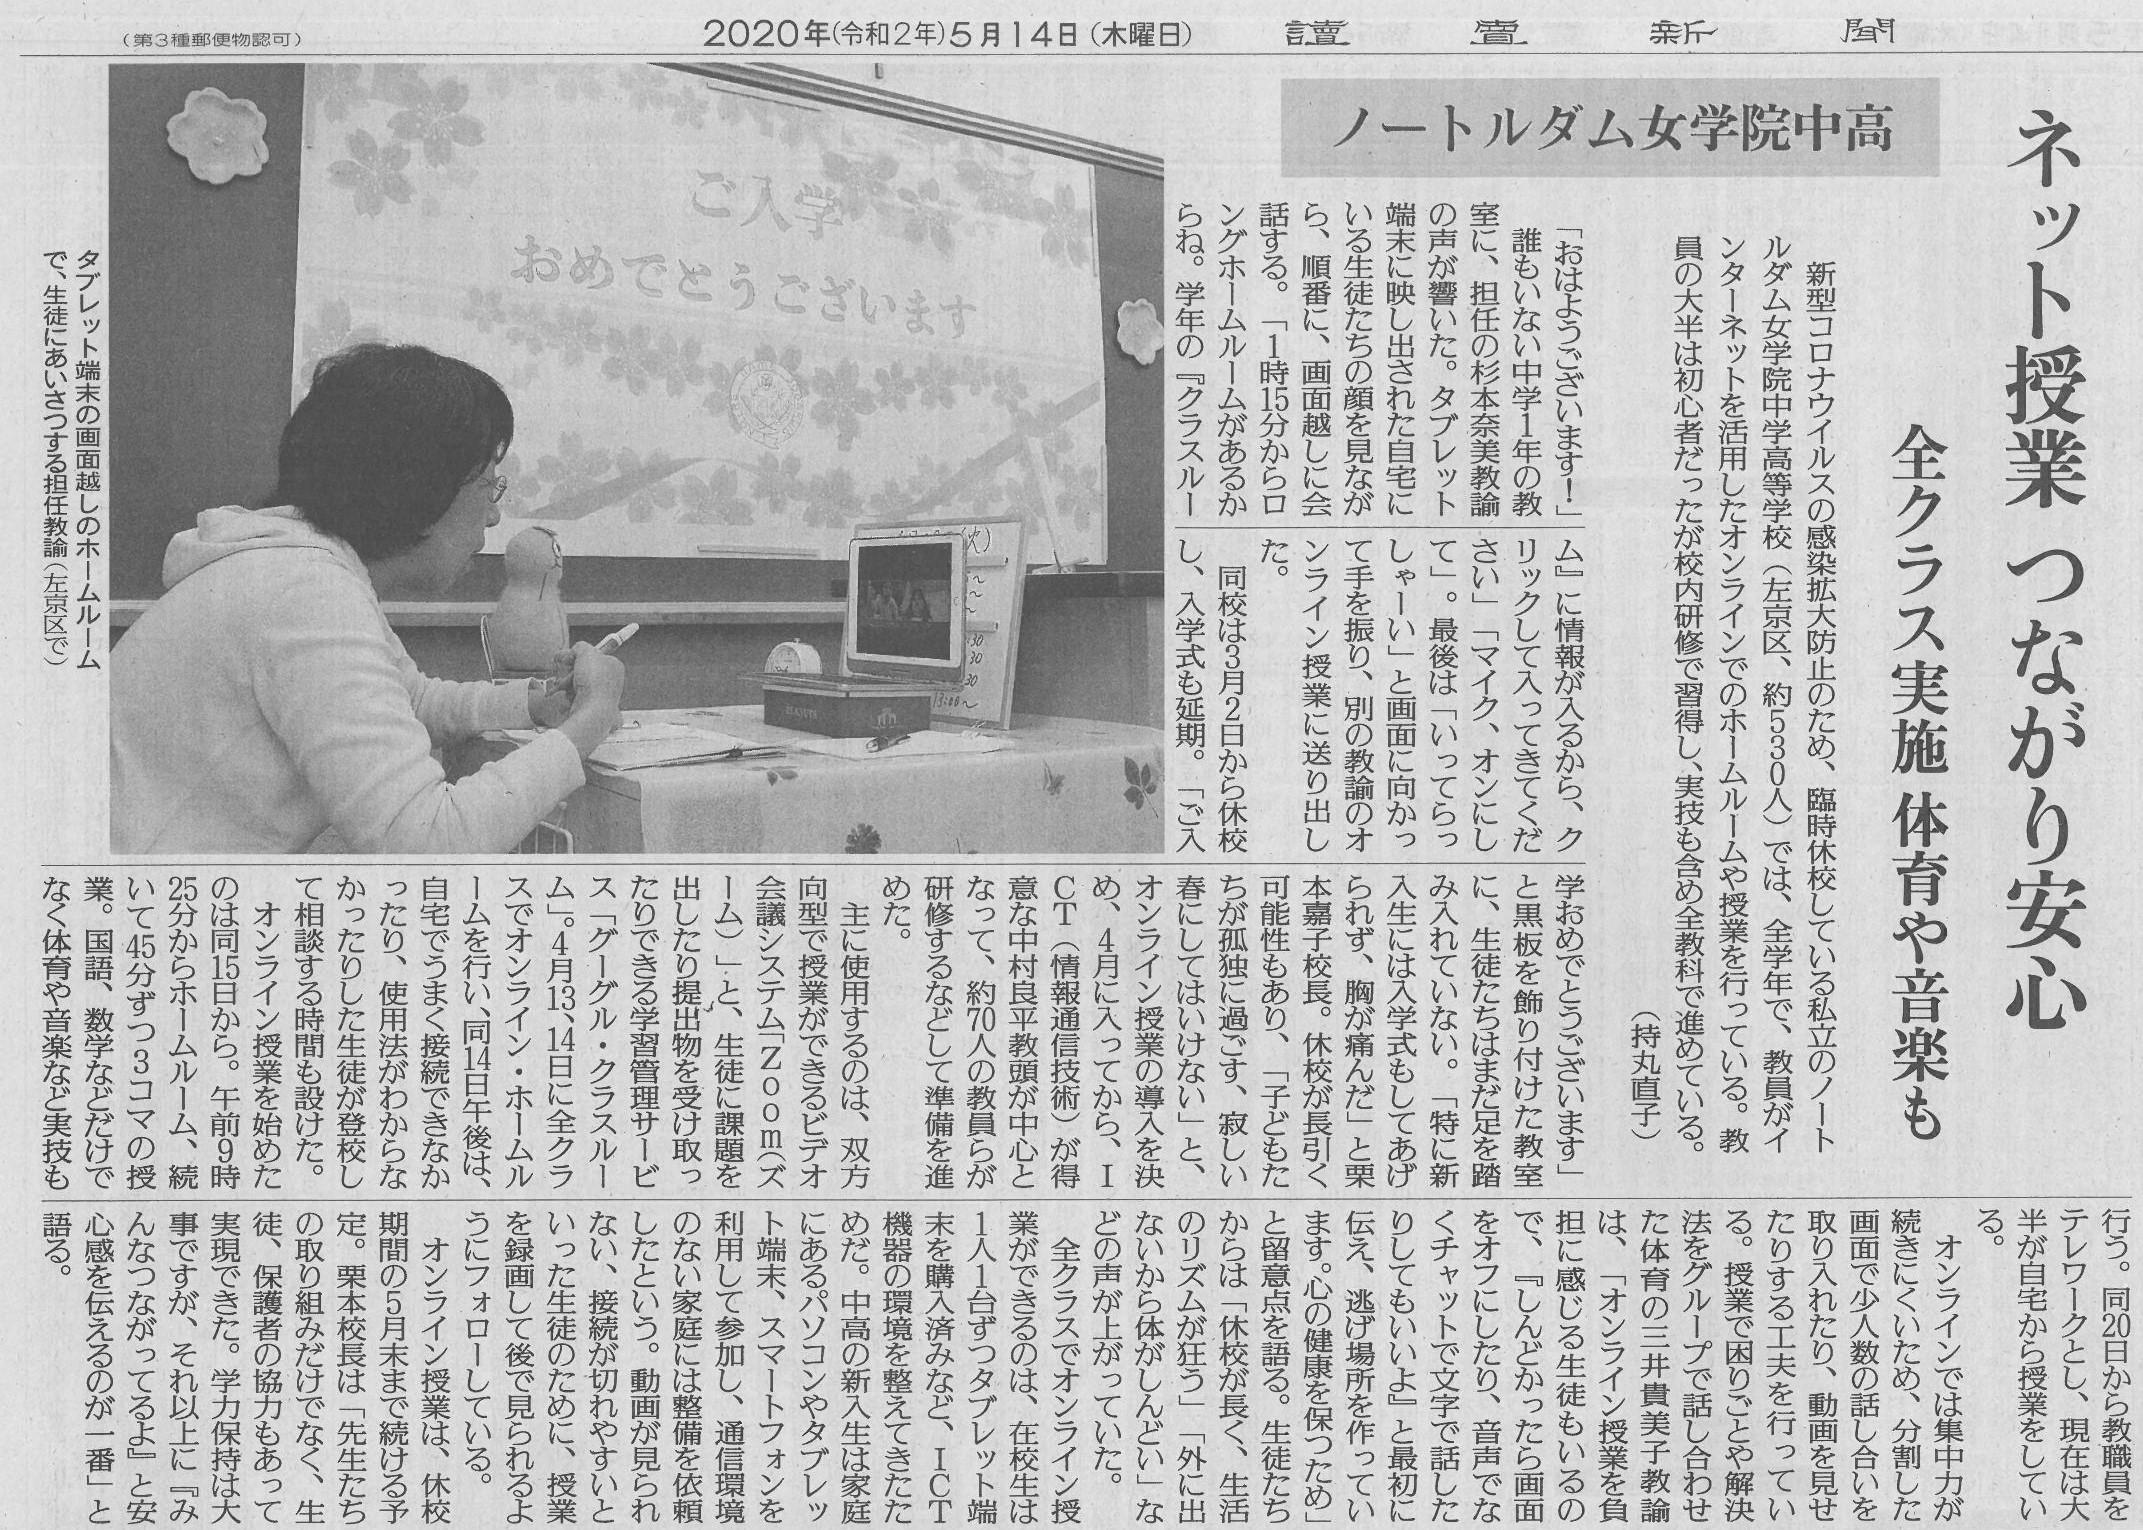 本校のオンライン授業が読売新聞記事に掲載され